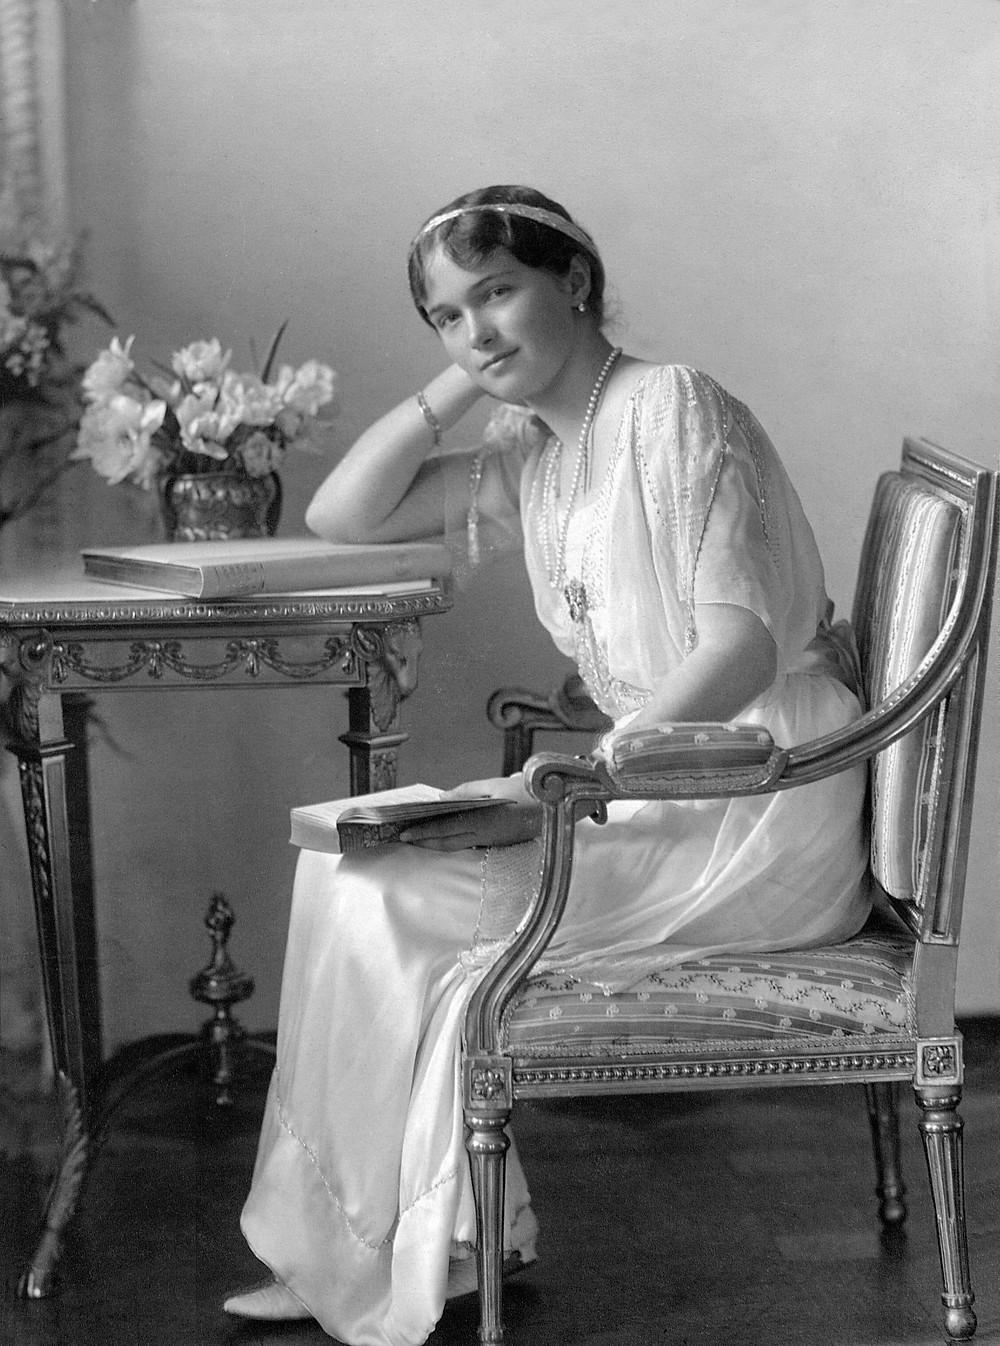 俄羅斯帝國末代女大公 奧爾加·尼古拉耶芙娜